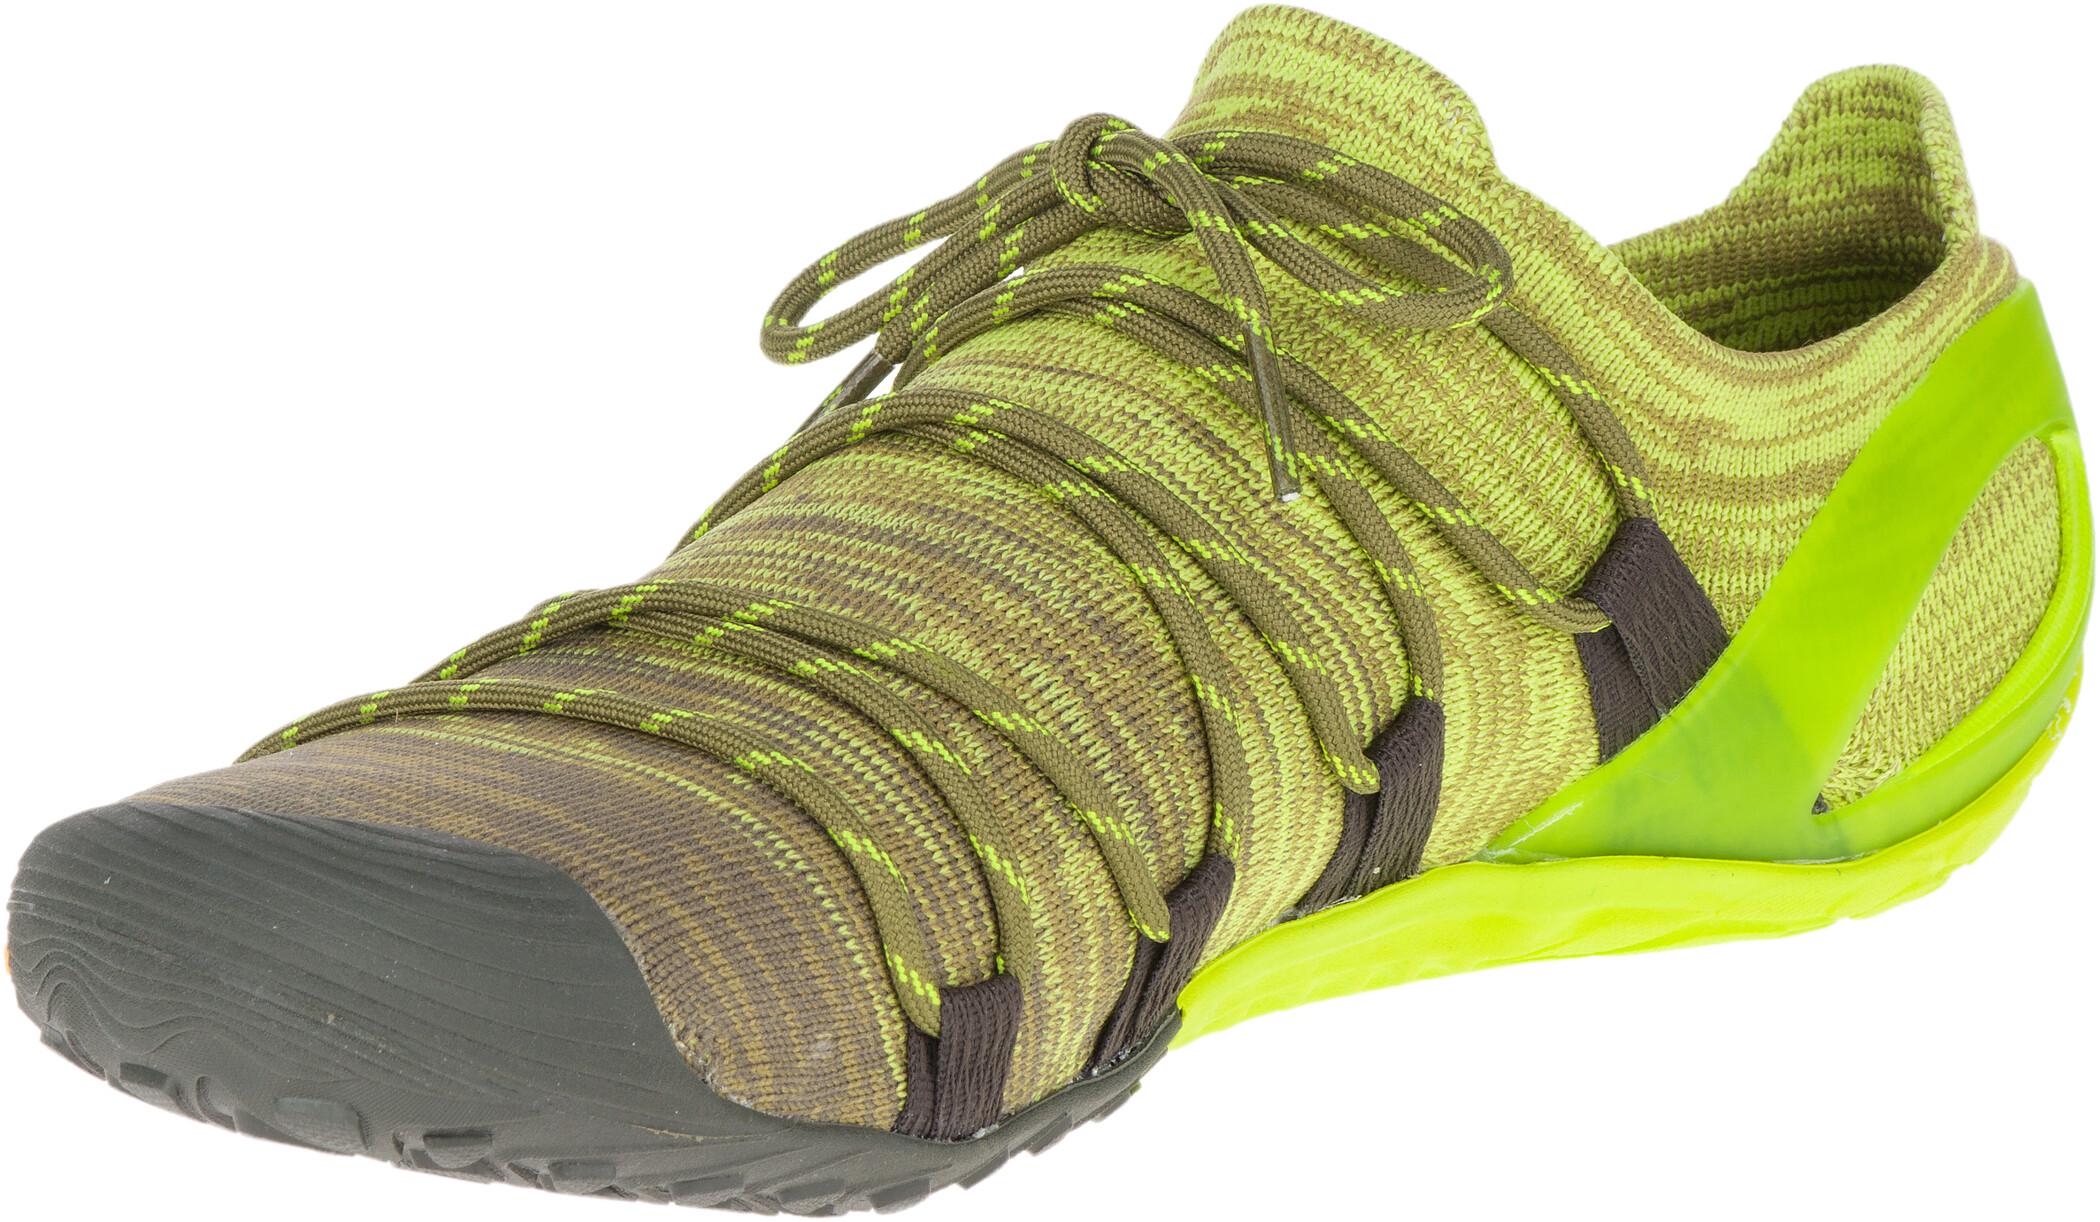 Merrell Vapor Glove 4 3D Shoes Herr olive drablime punch